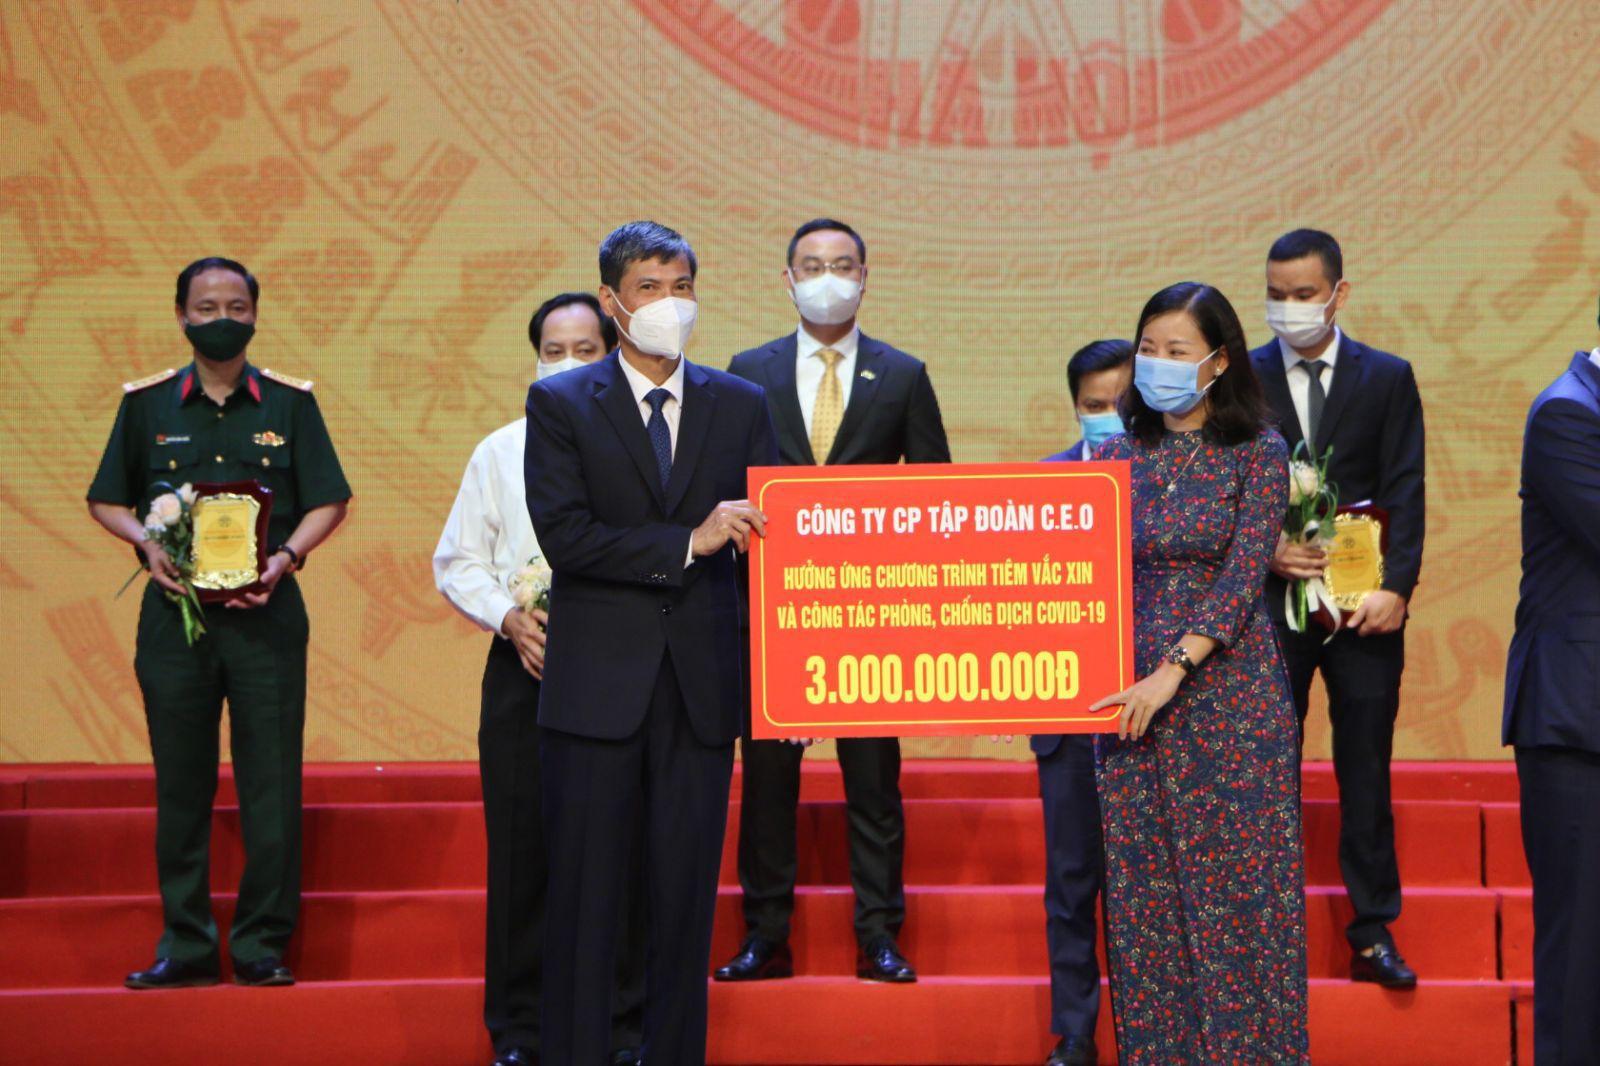 Tập đoàn CEO đóng góp 3 tỷ đồng chung tay cùng Hà Nội đẩy lùi dịch bệnh - Tập đoàn CEO